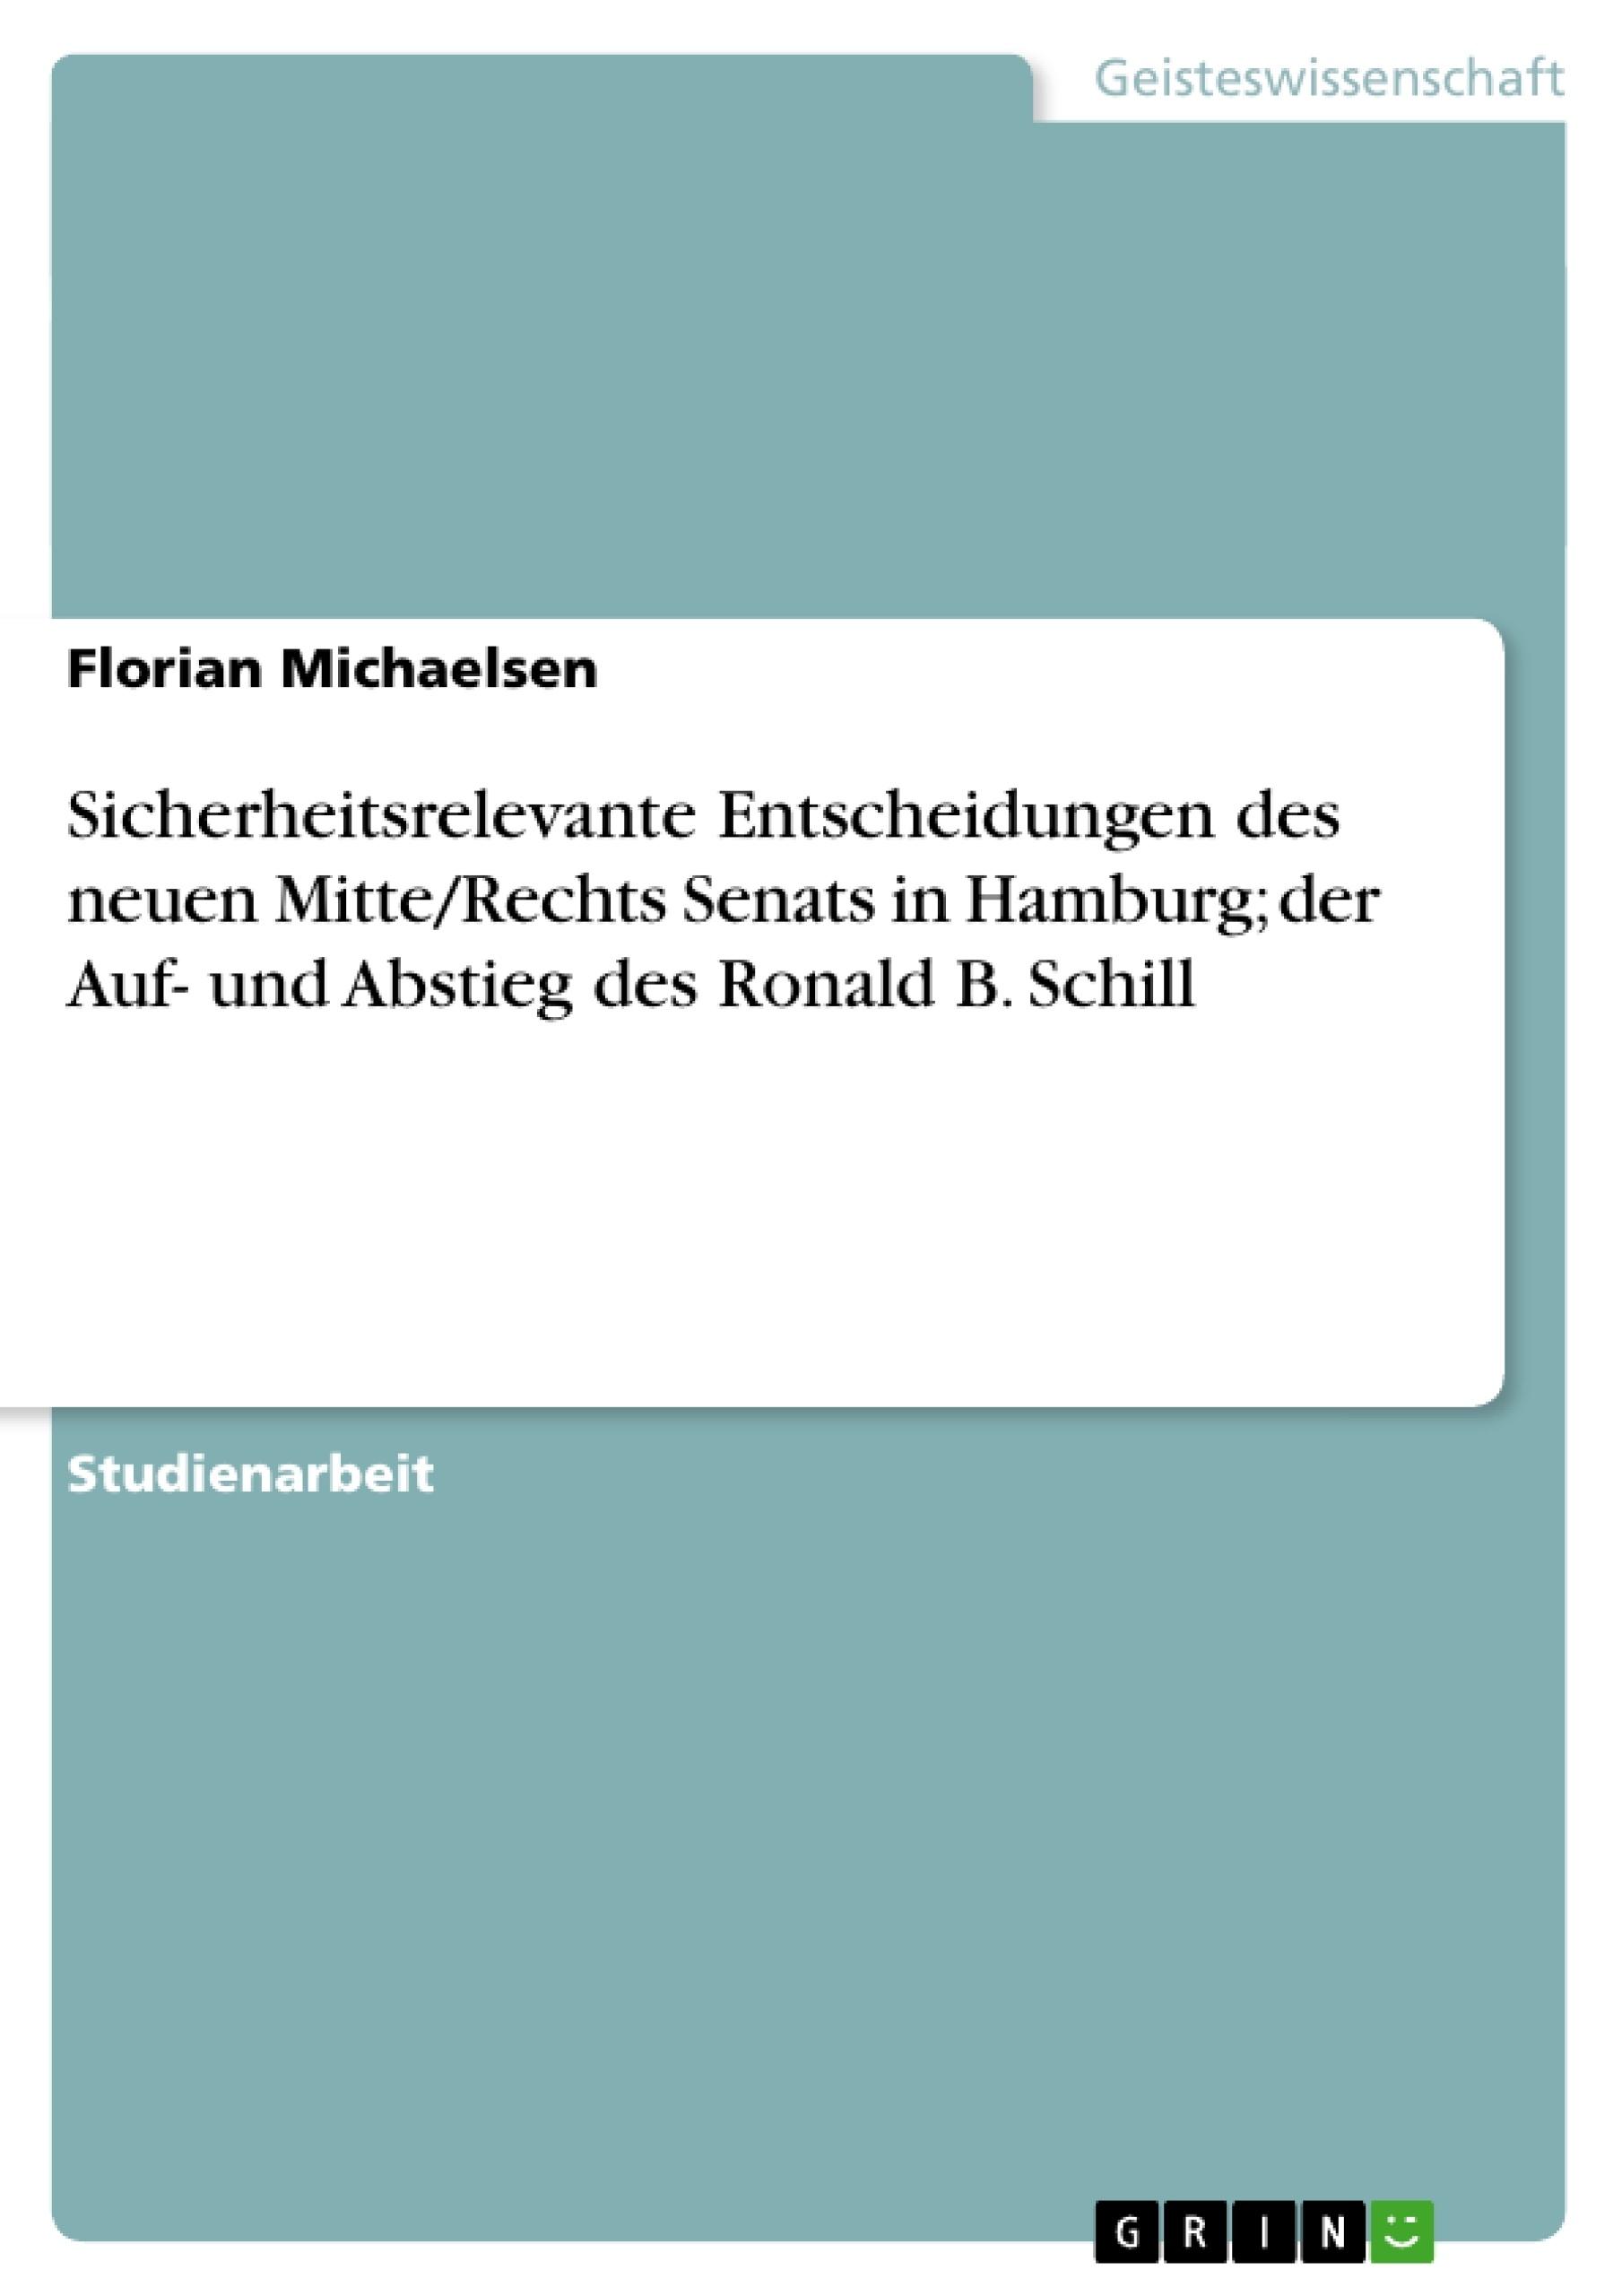 Titel: Sicherheitsrelevante Entscheidungen des neuen Mitte/Rechts Senats in Hamburg; der Auf- und Abstieg des Ronald B. Schill